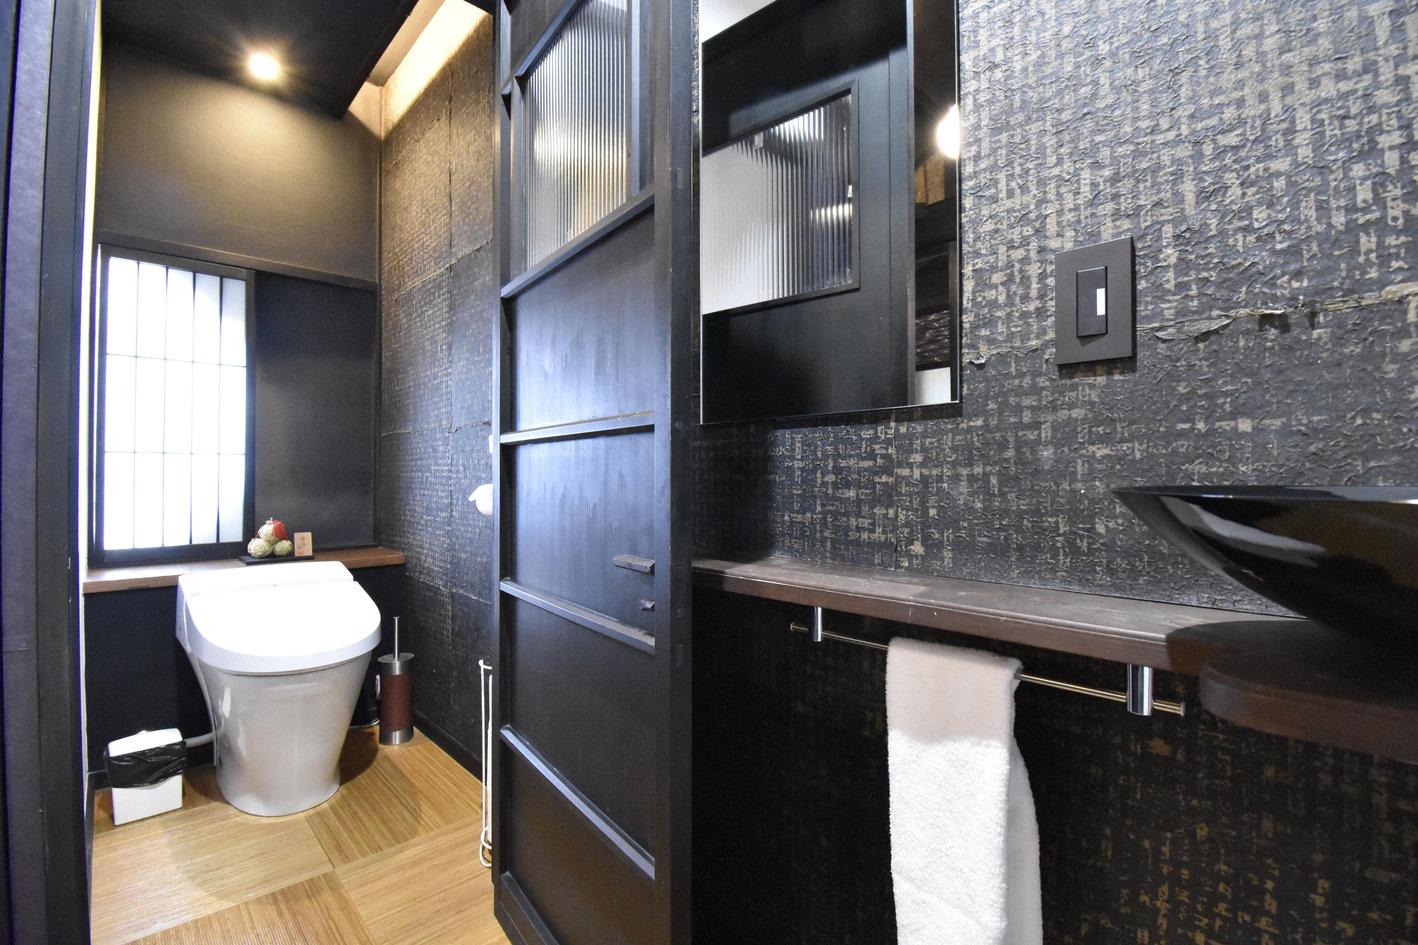 二階のトイレ.jpg